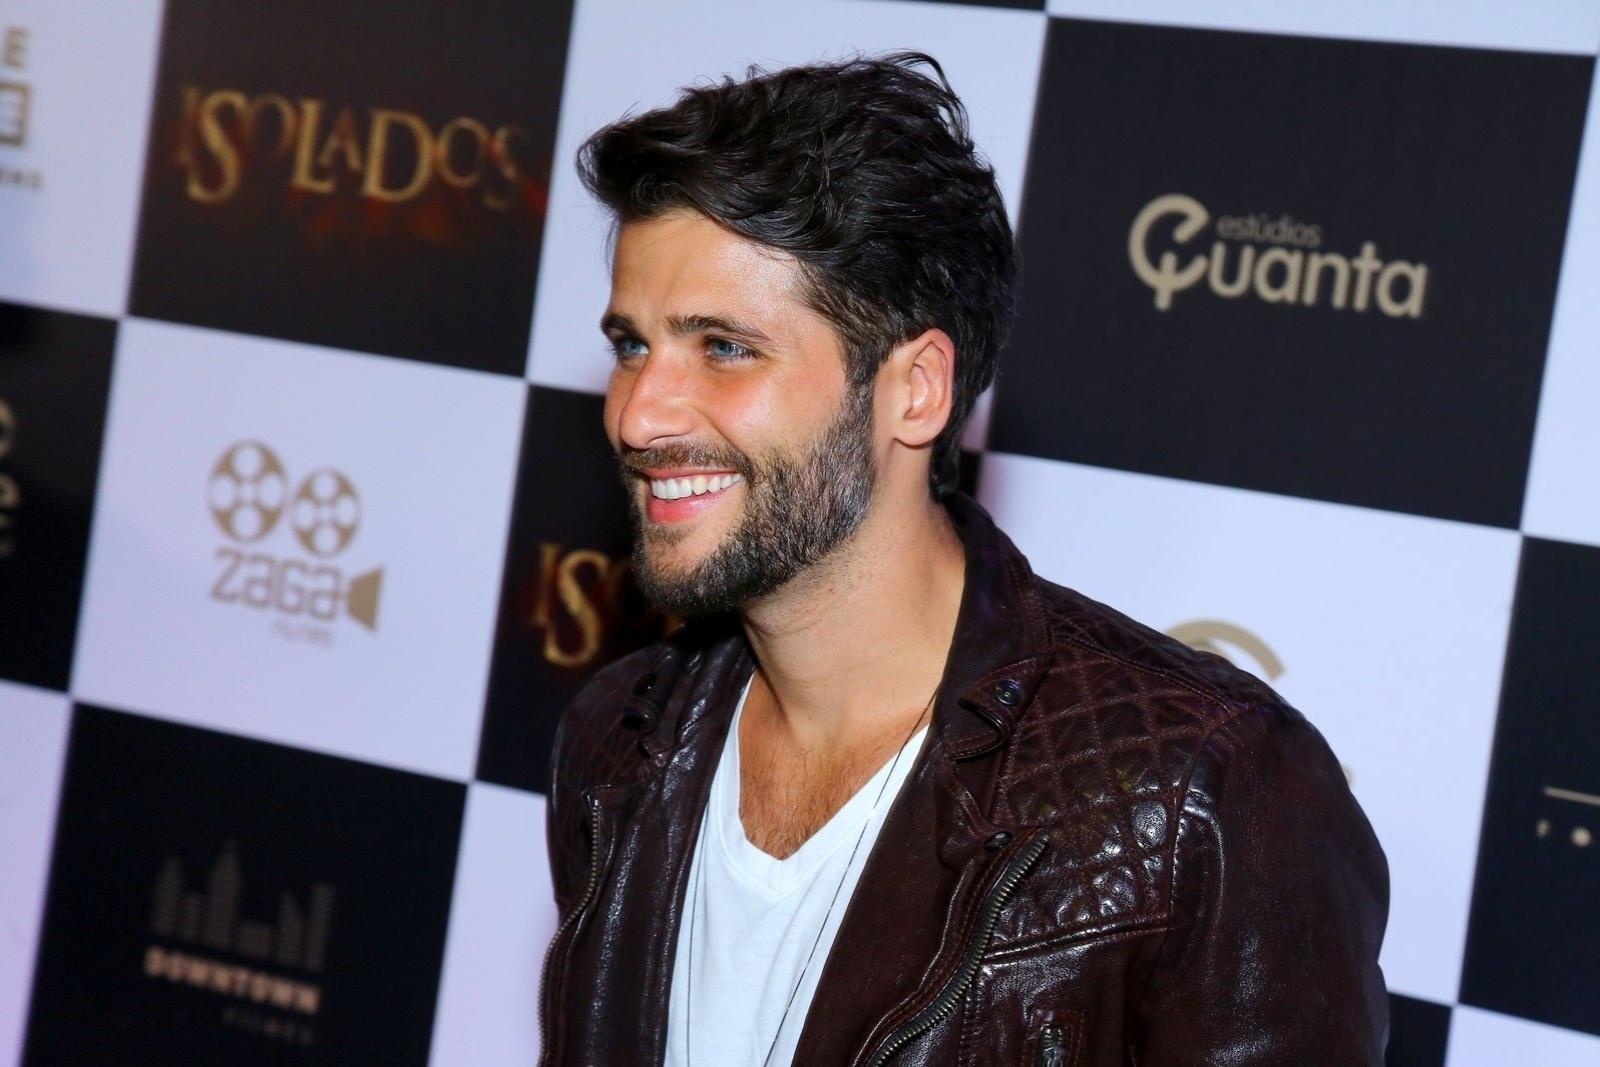 16.set.2014 - Protagonista do novo longa metragem, Bruno Gagliasso é fotografado no tapete vermelho da pré-estreia do filme